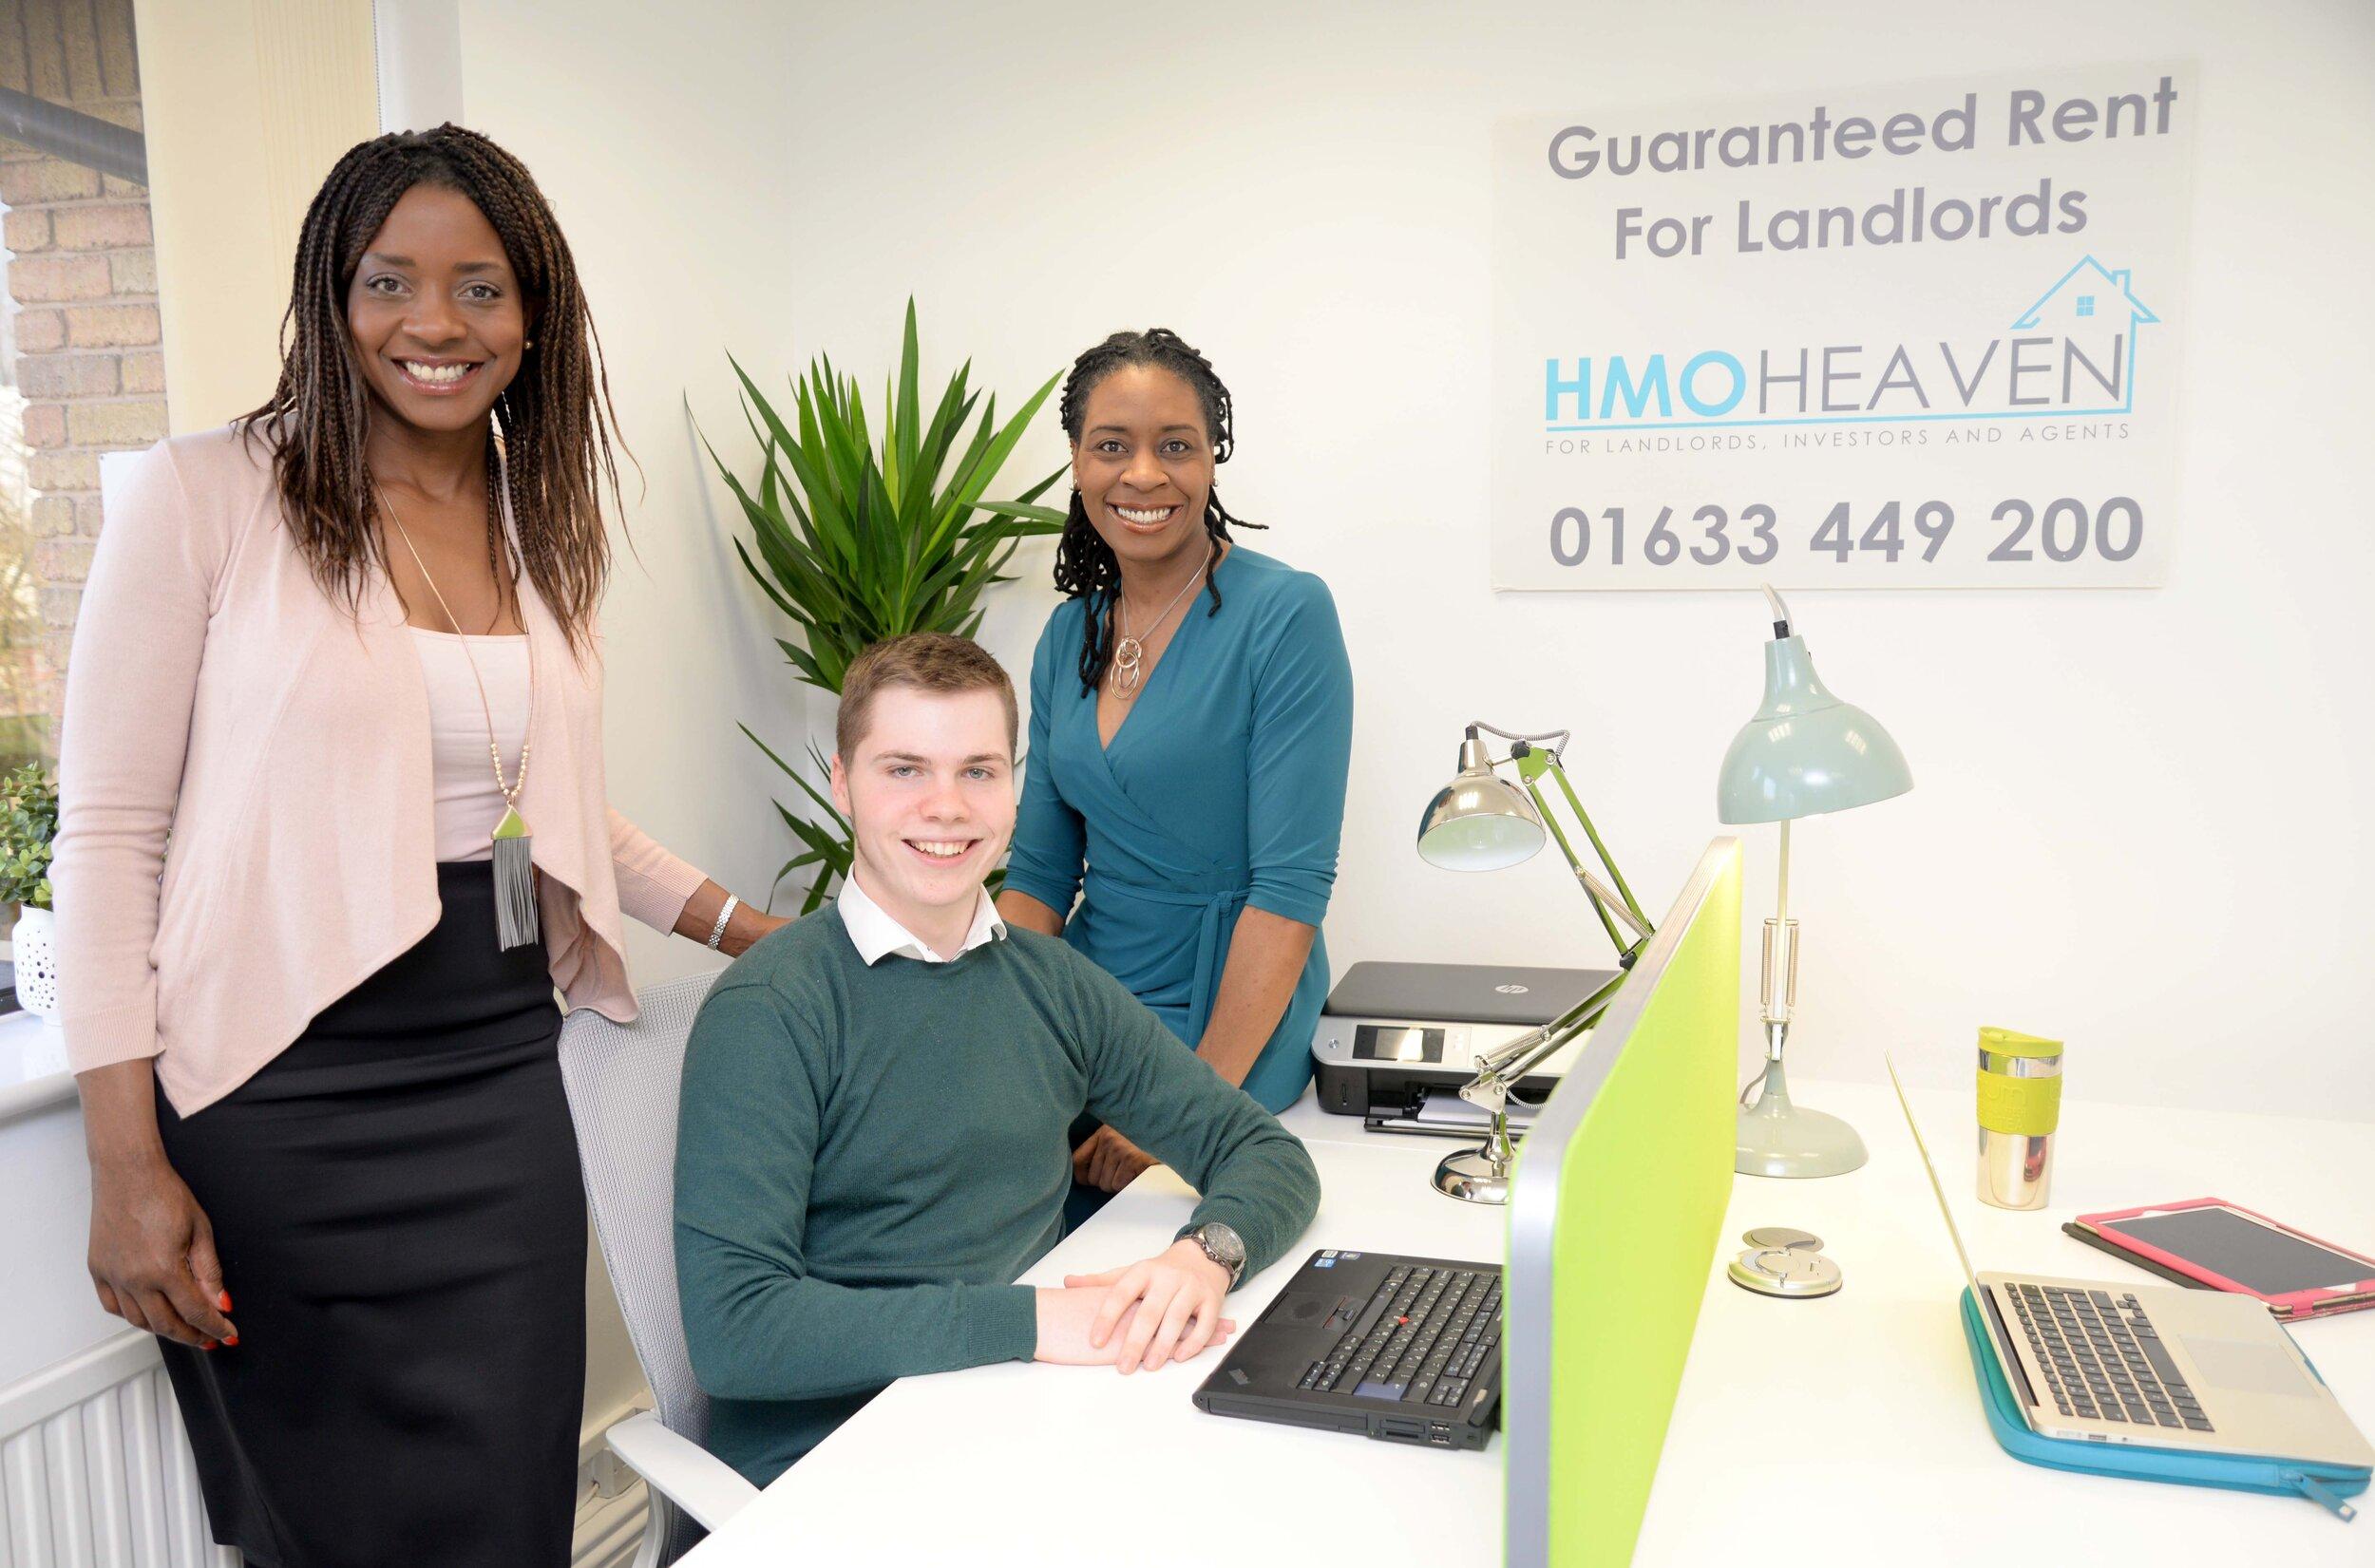 The HMO Heaven Team, l-r Stephanie, Luke and Nicky